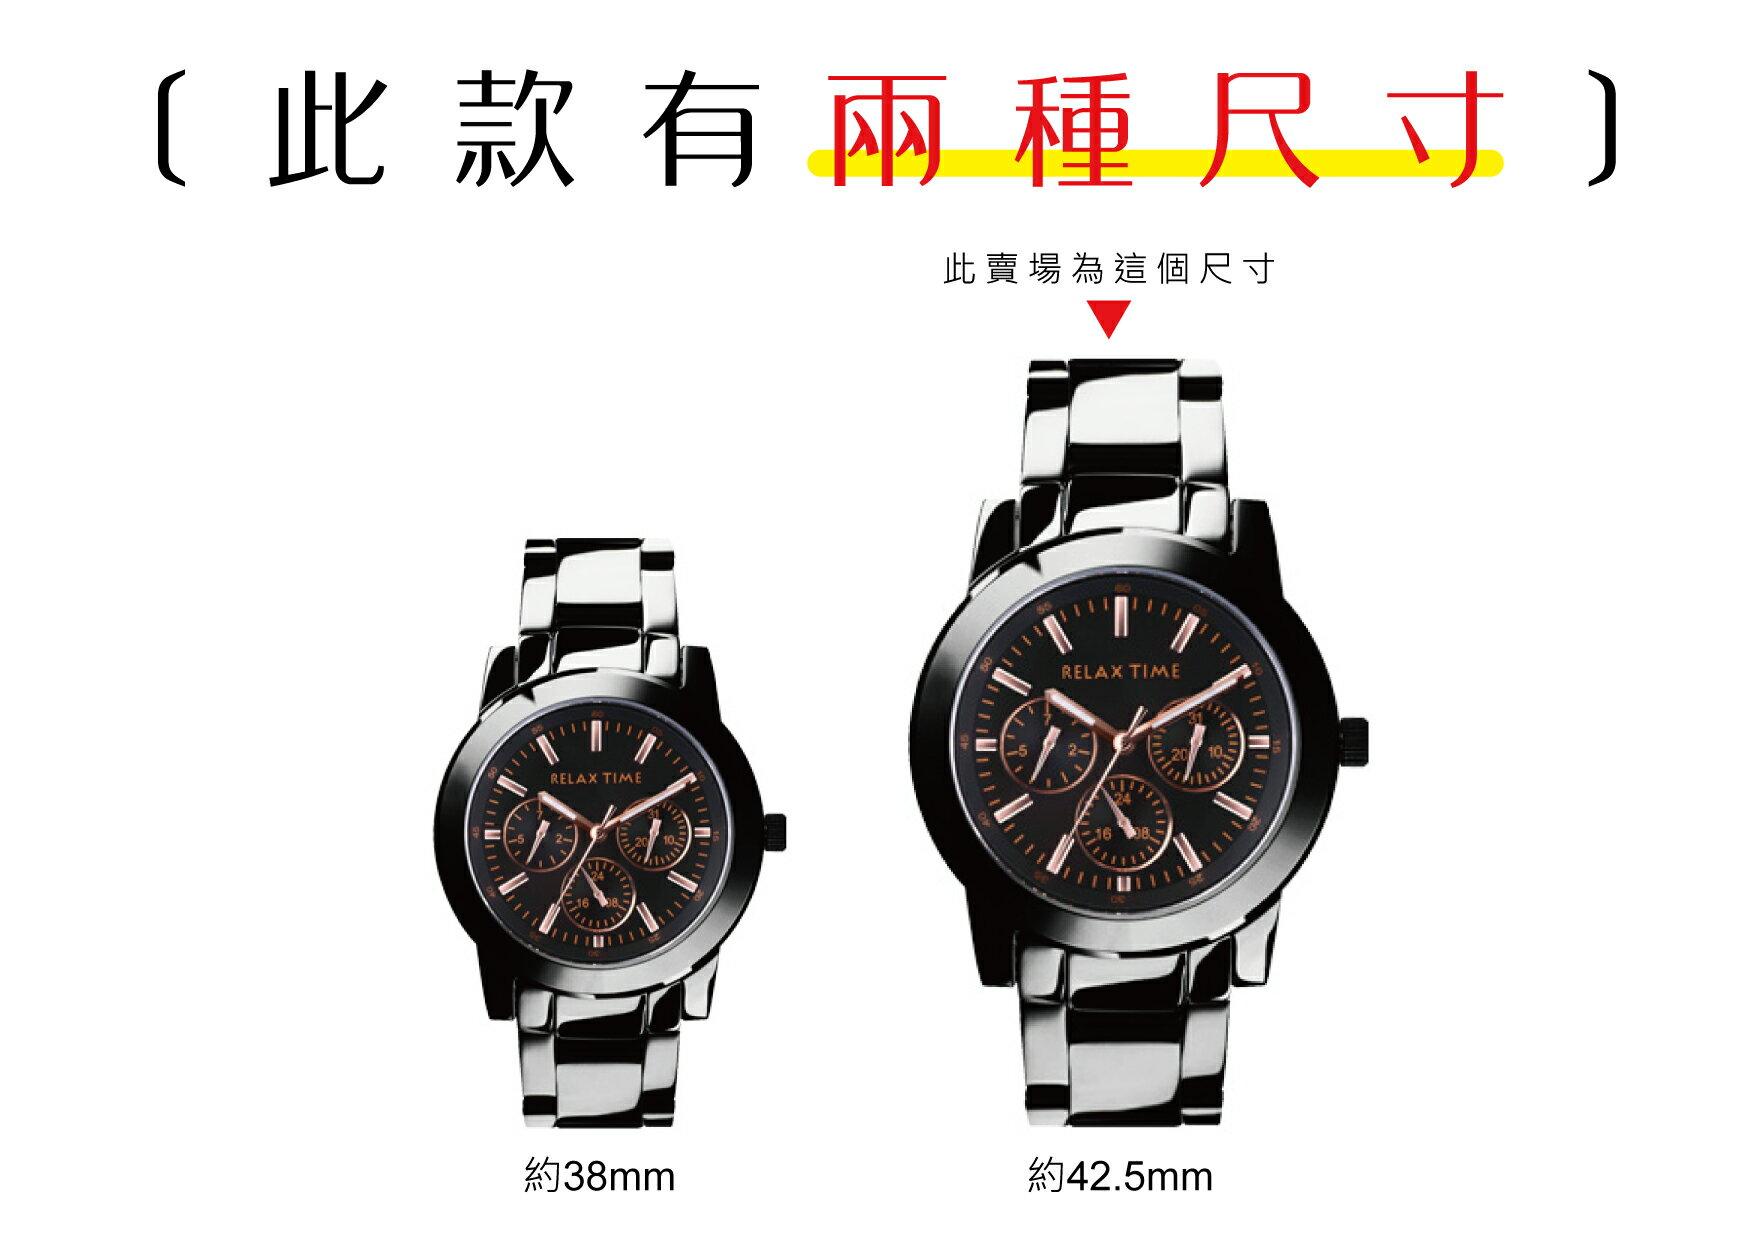 Relax Time R0800-16-10X 三眼時尚男腕錶 黑 玫瑰金 42mm